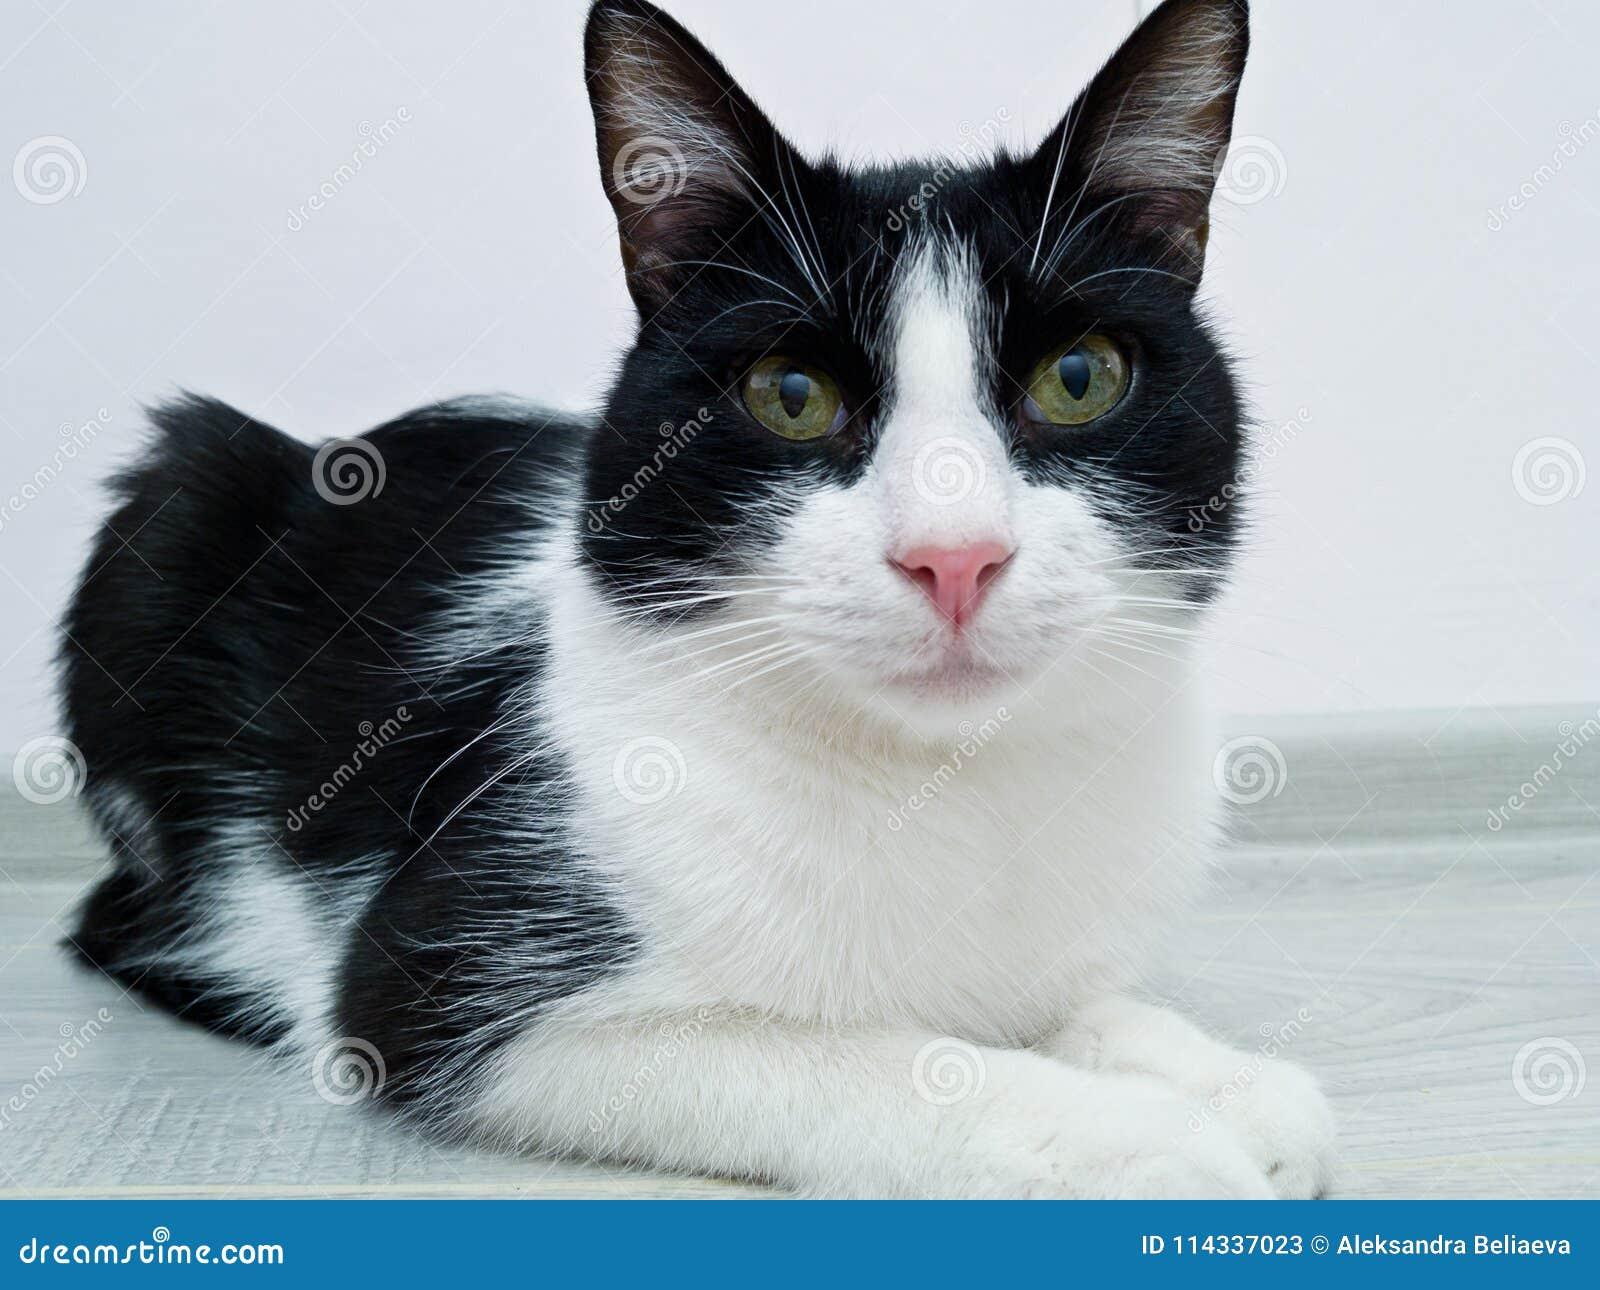 Черно-белый кот отрочества лежит в комнате перед белой стеной Ищущ мастер любознательный взгляд, наблюдая